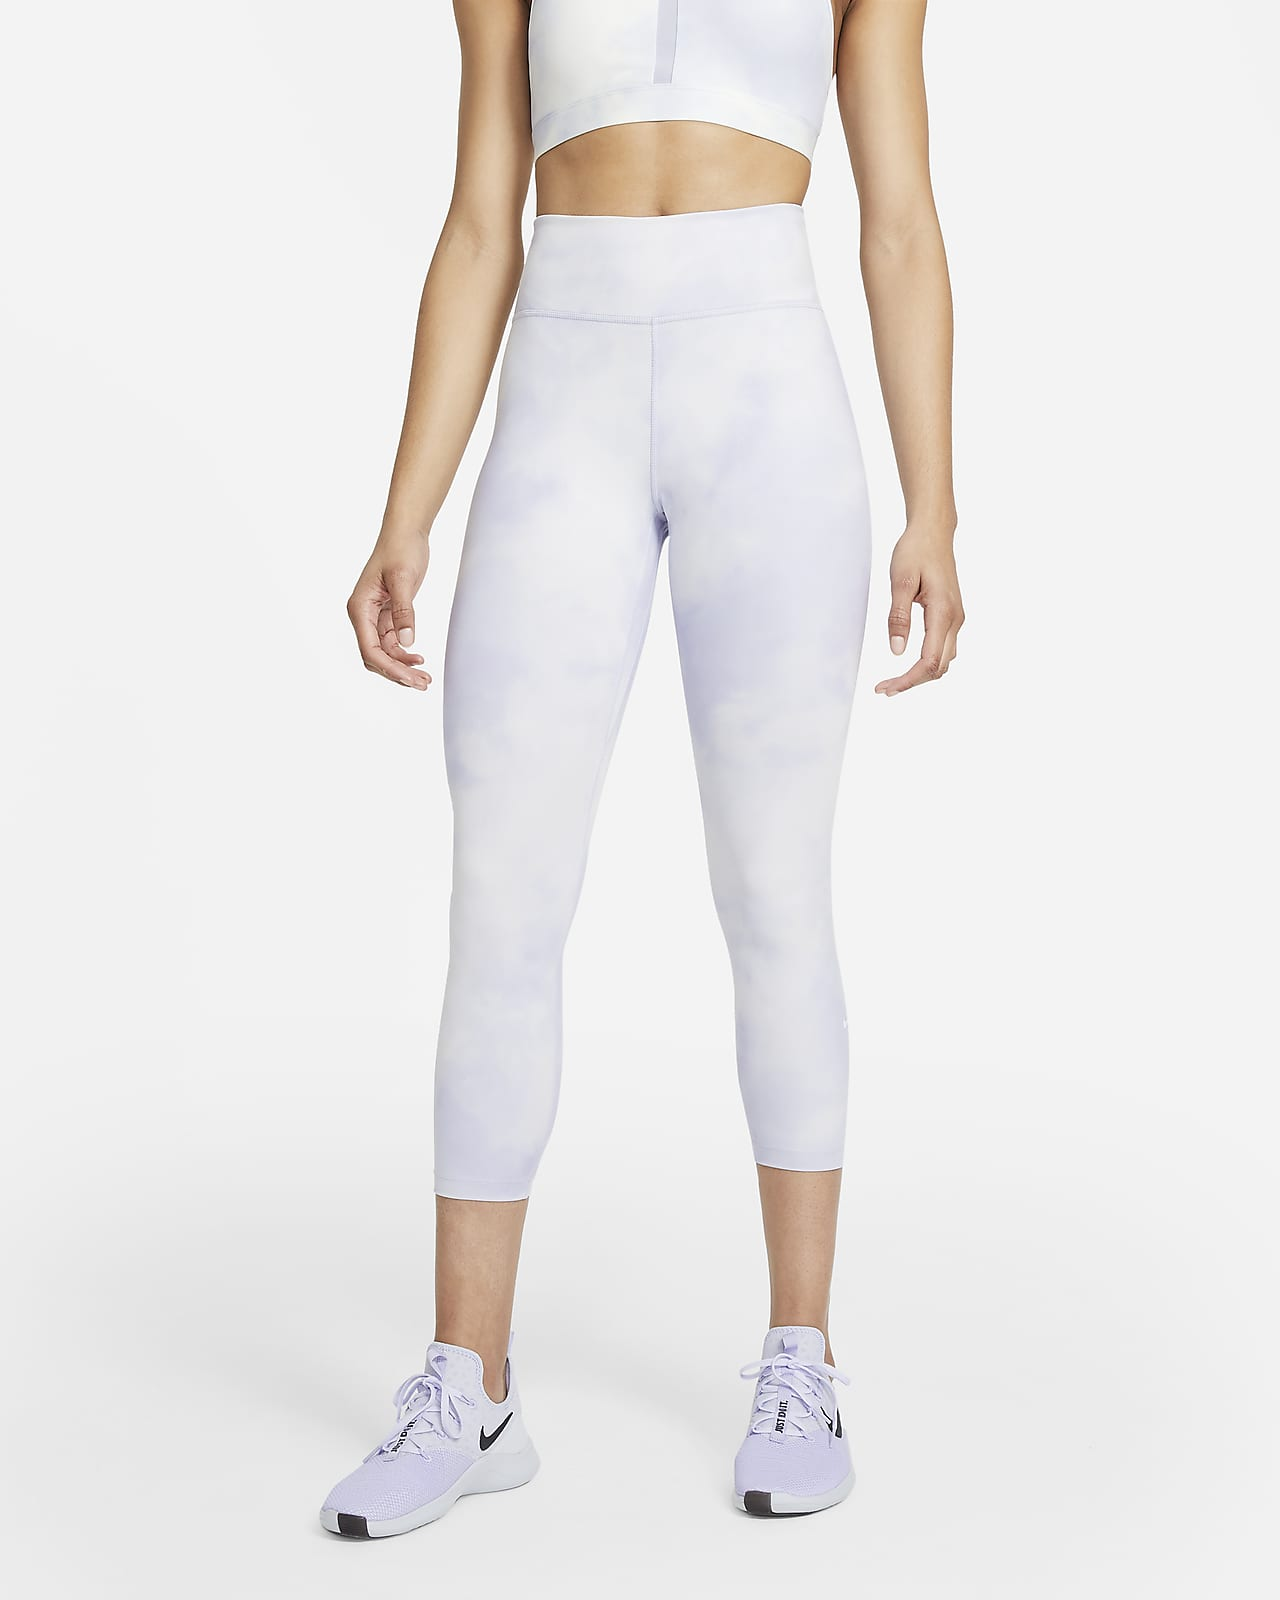 เลกกิ้งผู้หญิง 5 ส่วนเอวปานกลาง Nike One Icon Clash